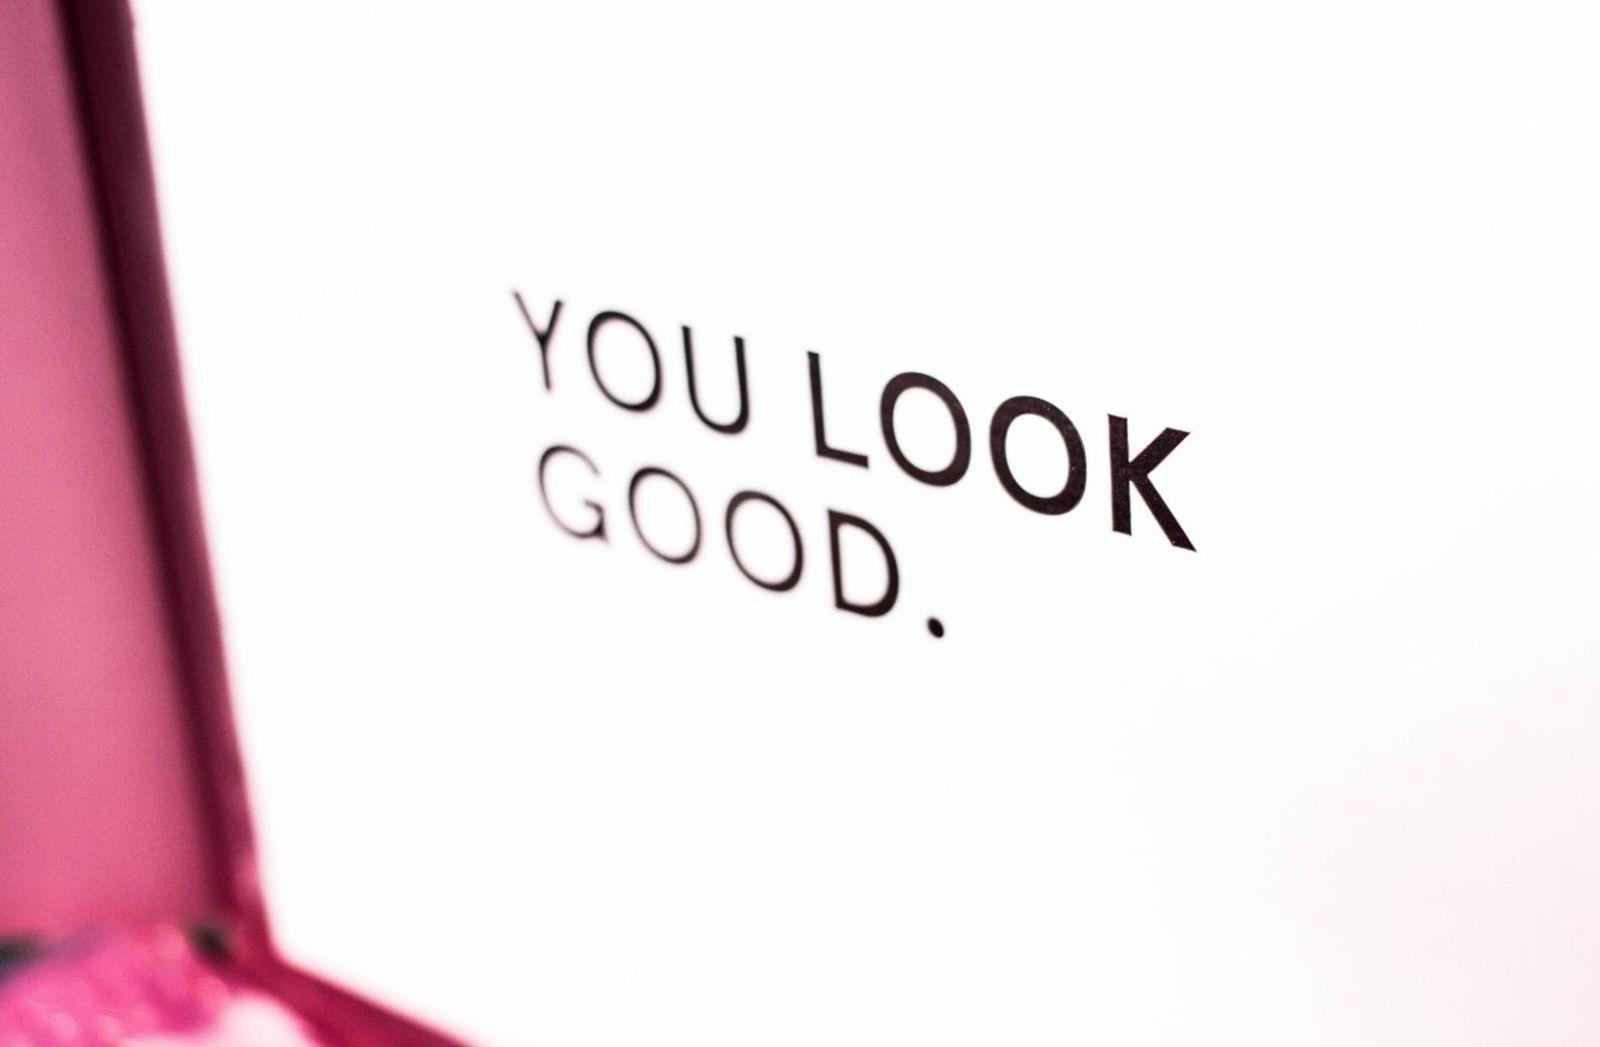 Für die Politik von Joe Biden hat das Motto You Look Good keine Gültigkeit. (Foto: Charisse Kenion, Unsplash.com)